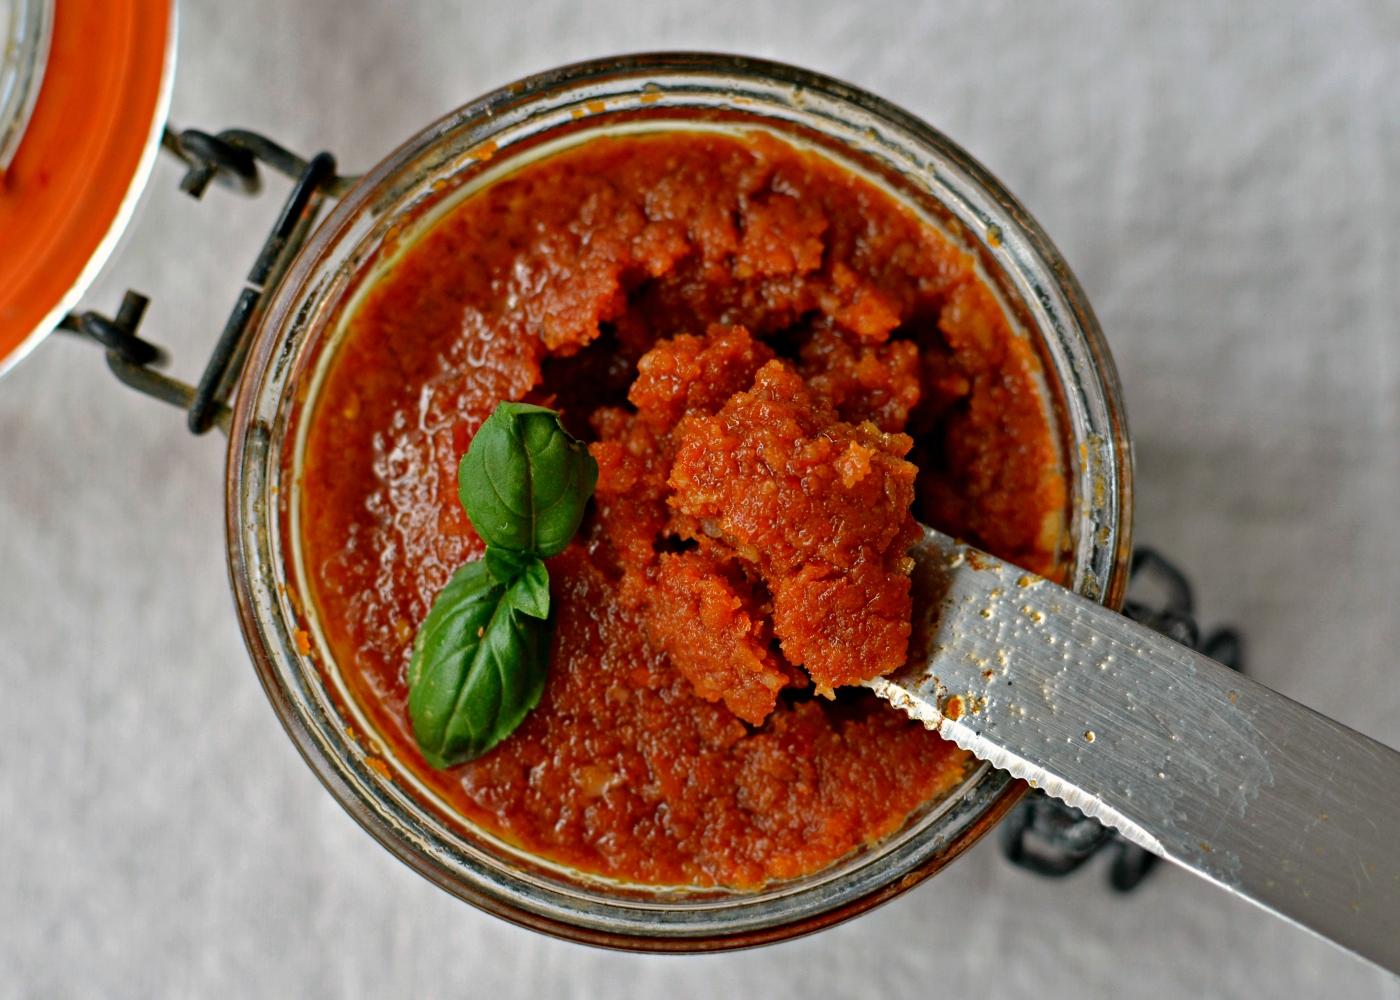 pote com pesto de tomate seco simples